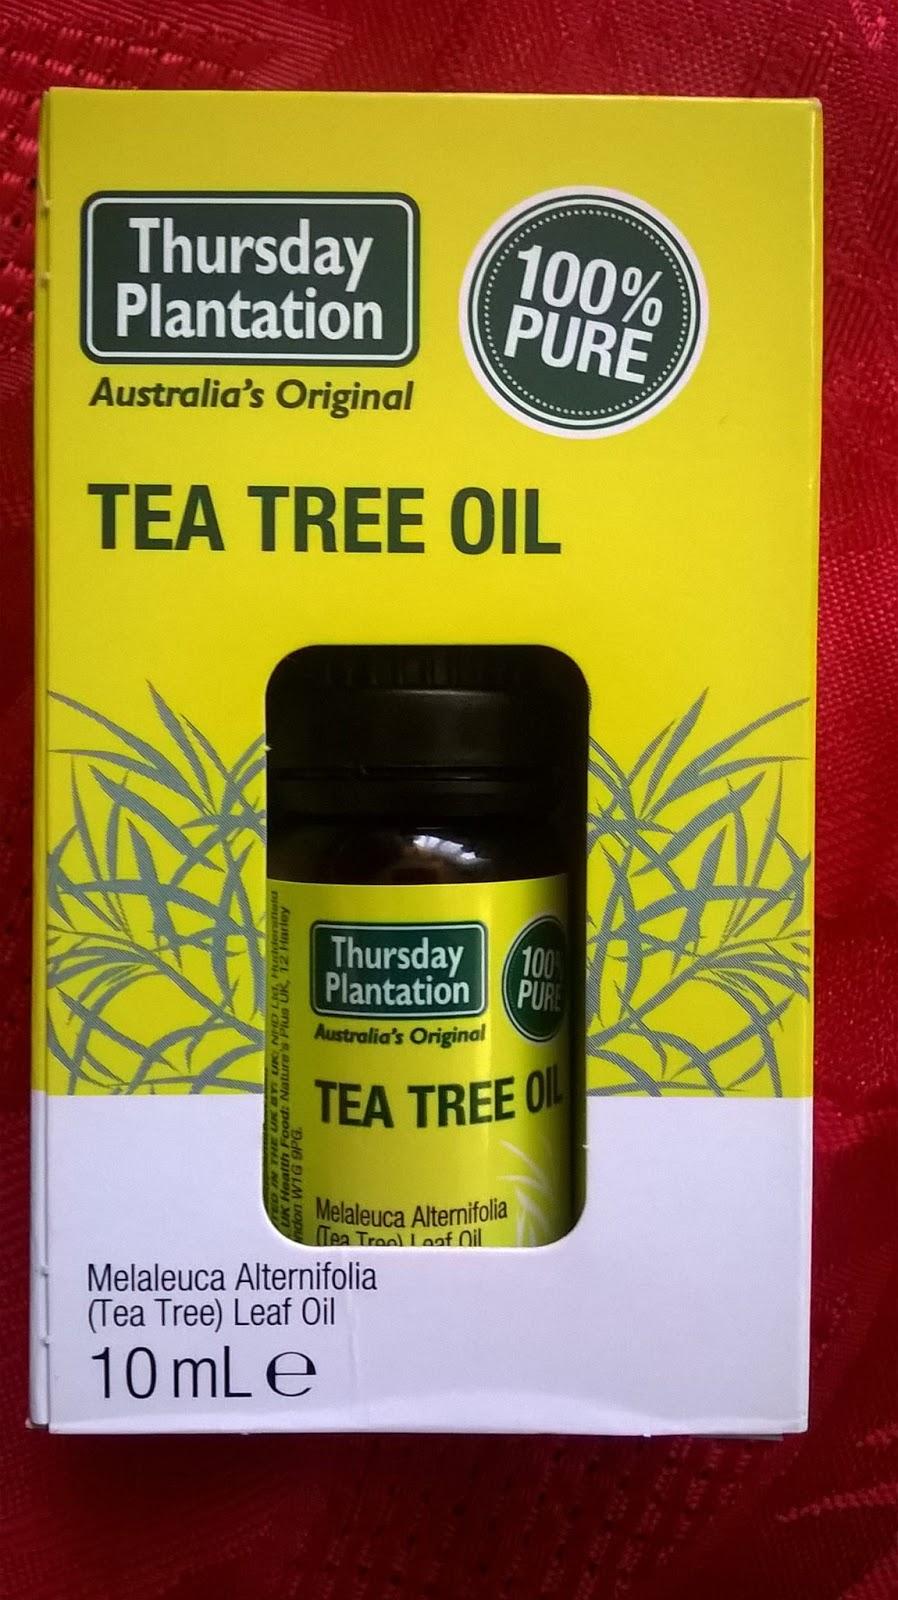 ulei de arbore de ceai din recenzii varicose recenzii